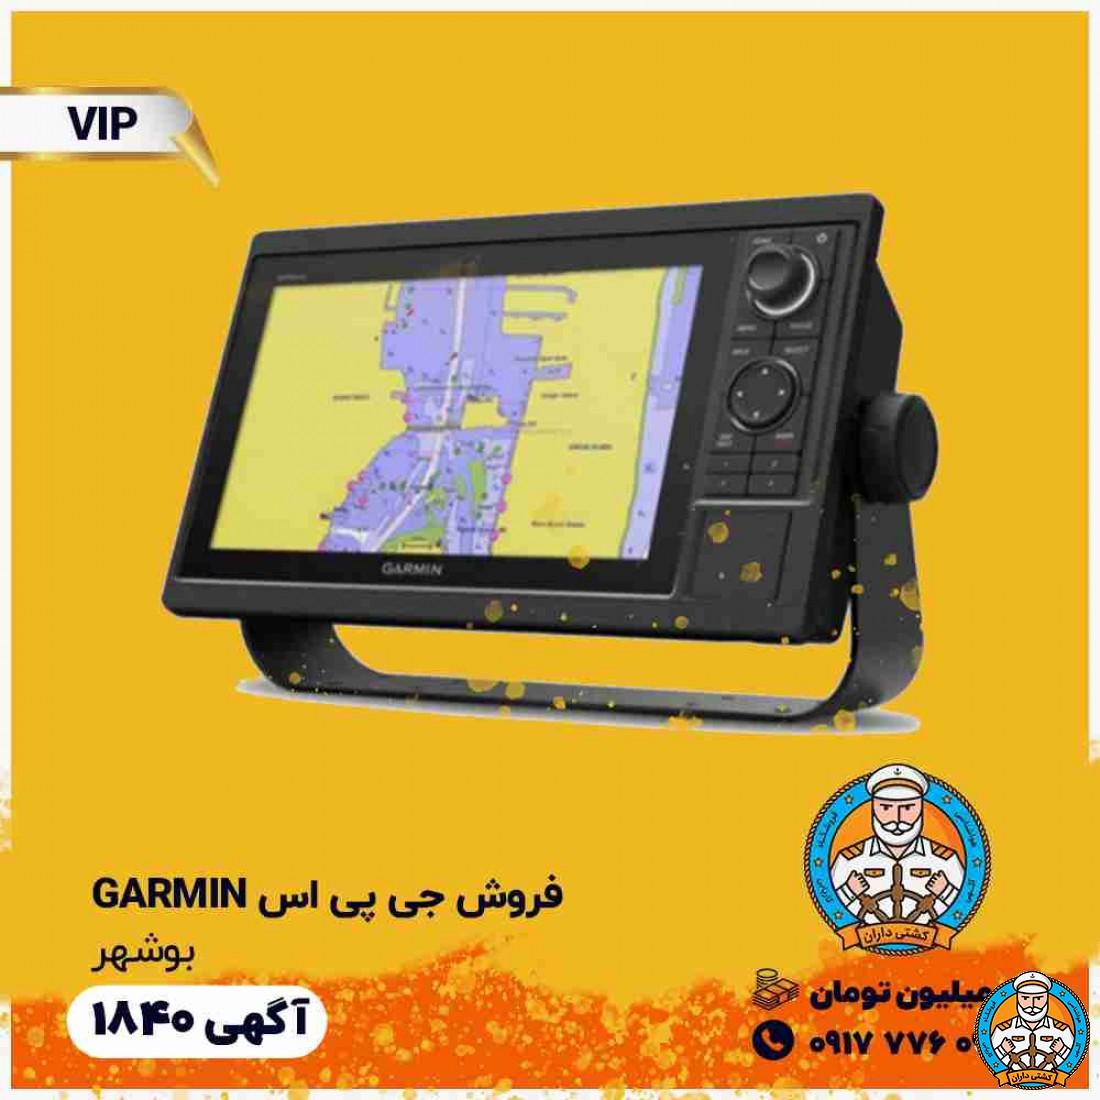 فروش جی پی اس  GARMIN با کارت نقشه 2021